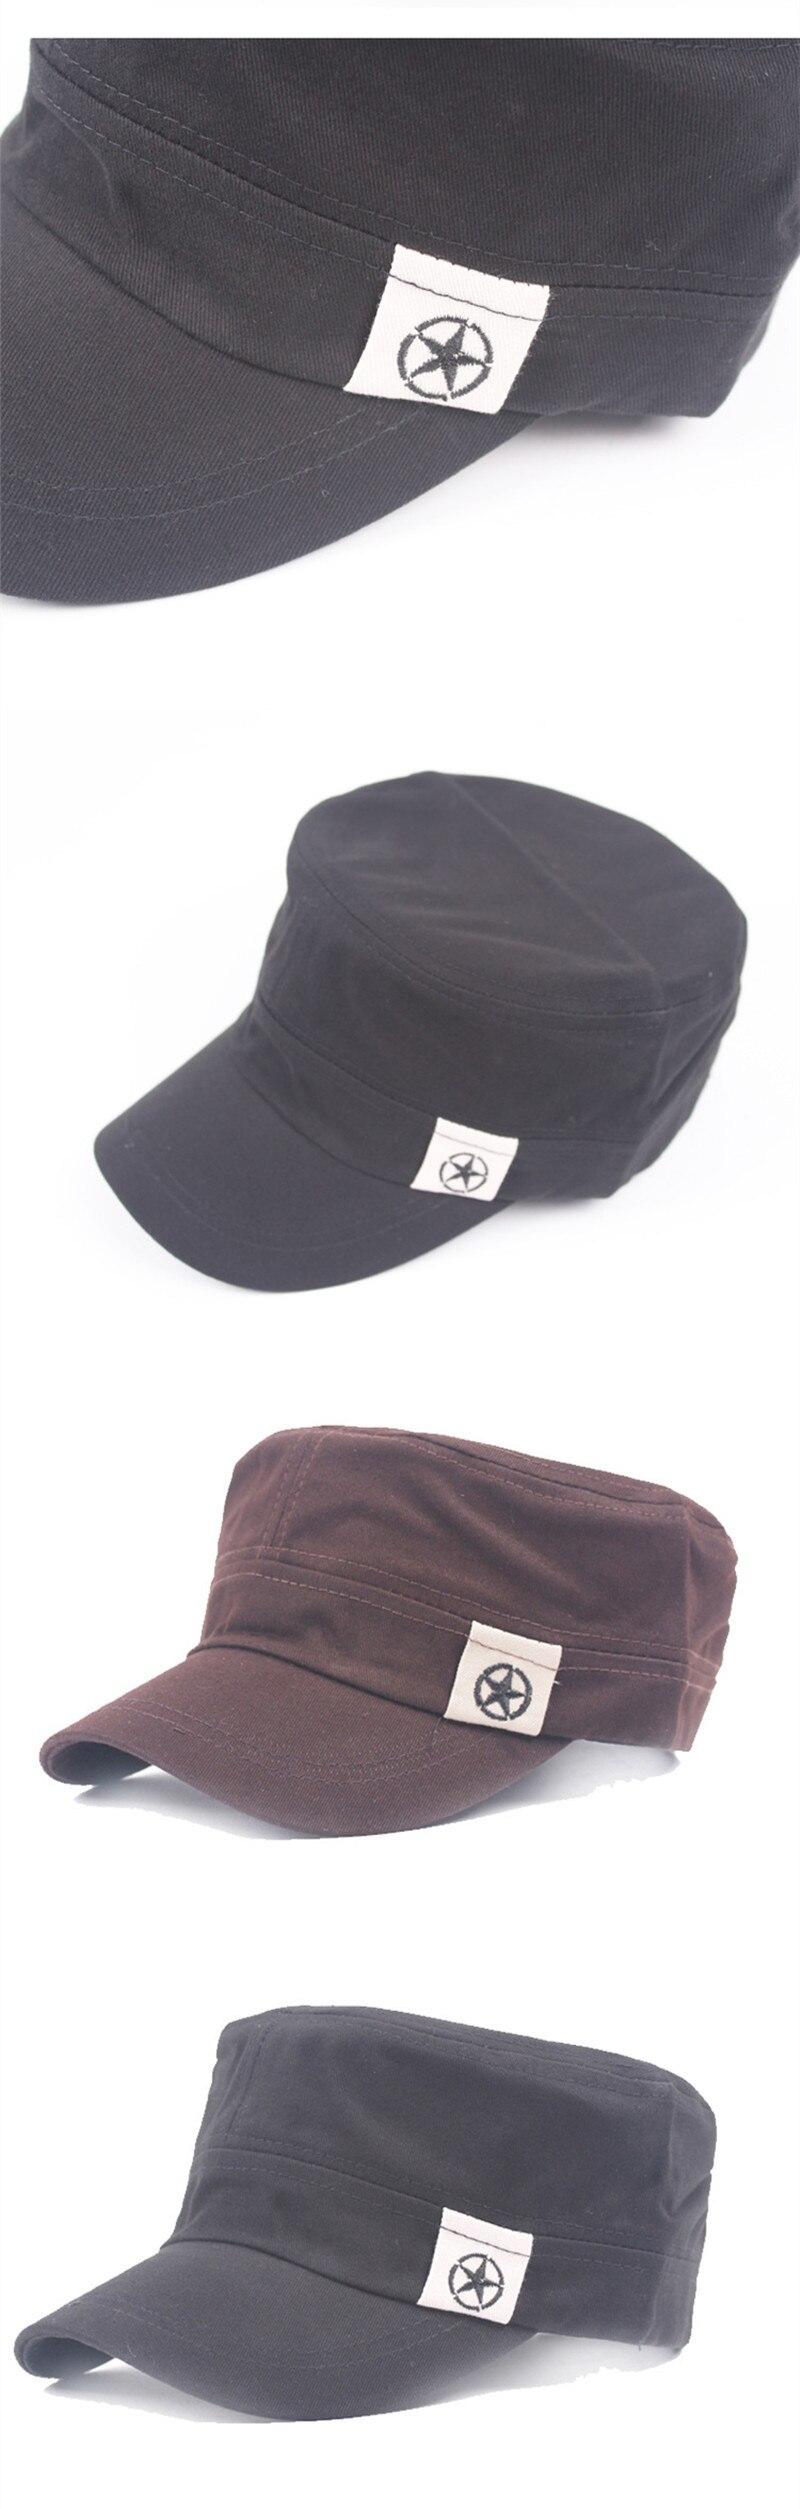 bfff00931368 XdanqinX gorra de algodón de moda militar del ejército sombreros nuevos  hombres de marca de hueso de hombre gorra de visera de tamaño ajustable ...